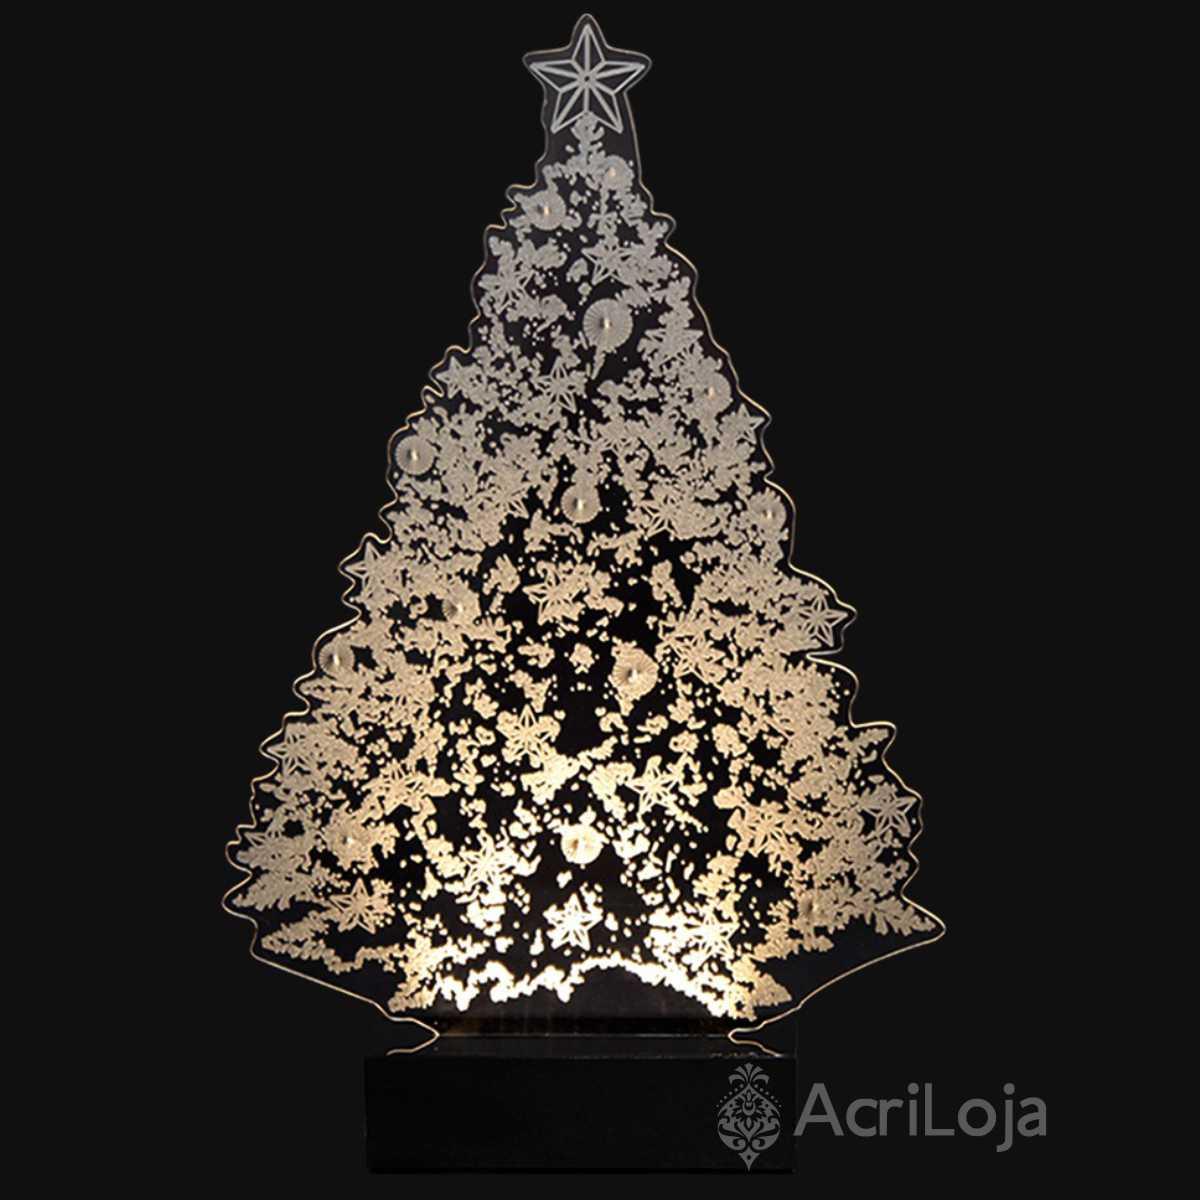 Abajur De Mesa LED em Acrílico 3d Arvore de Natal 110/220v, Abajur para quarto e sala para decoração de Natal